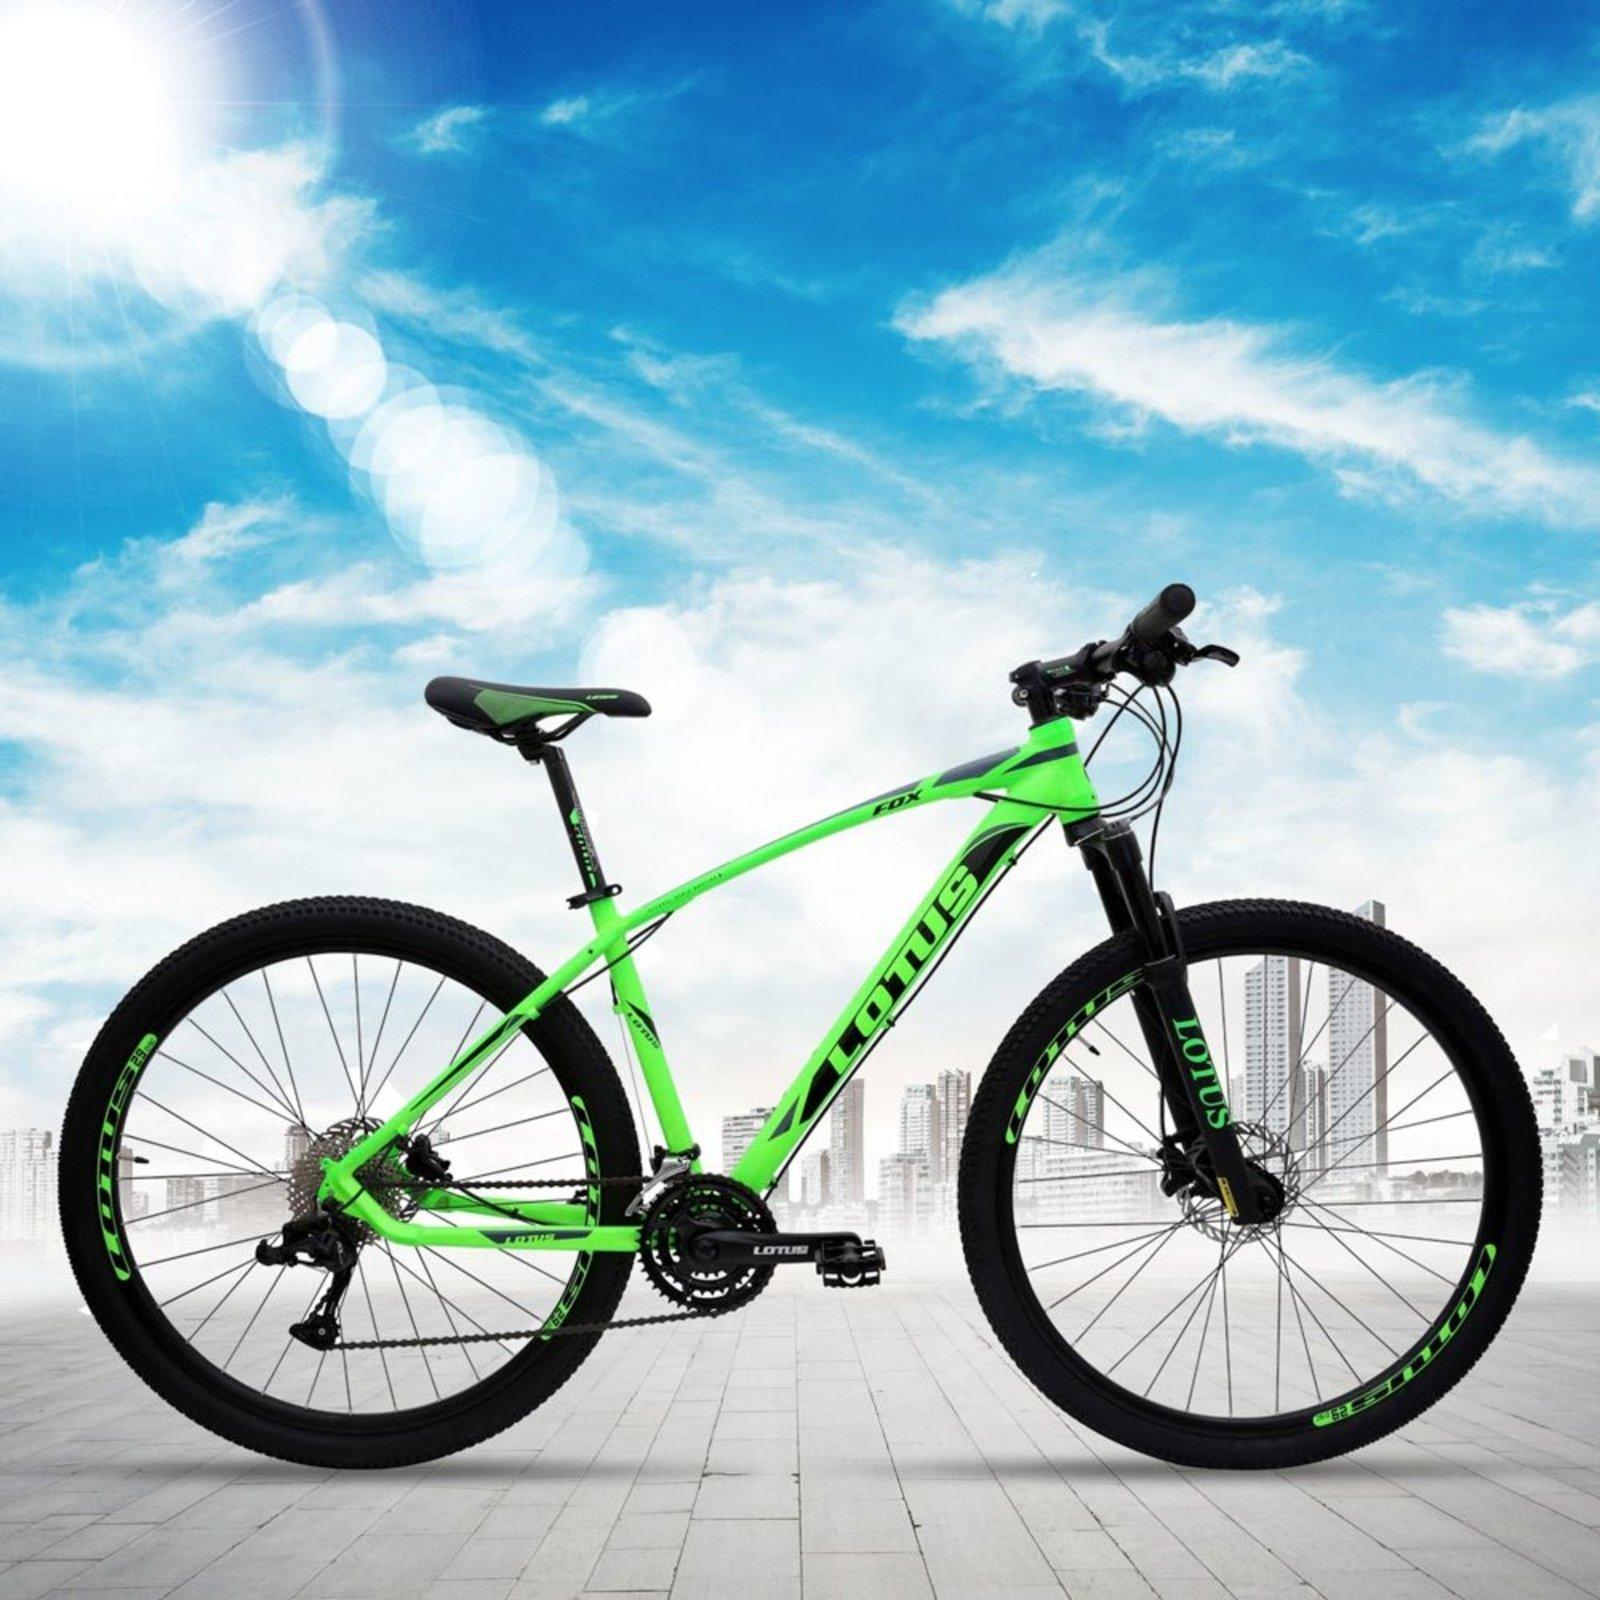 Bicicleta Aro 29 Freio Hidráulico Fox MTB Quadro 21 24v Verde Preto - Lotus - Compre Agora